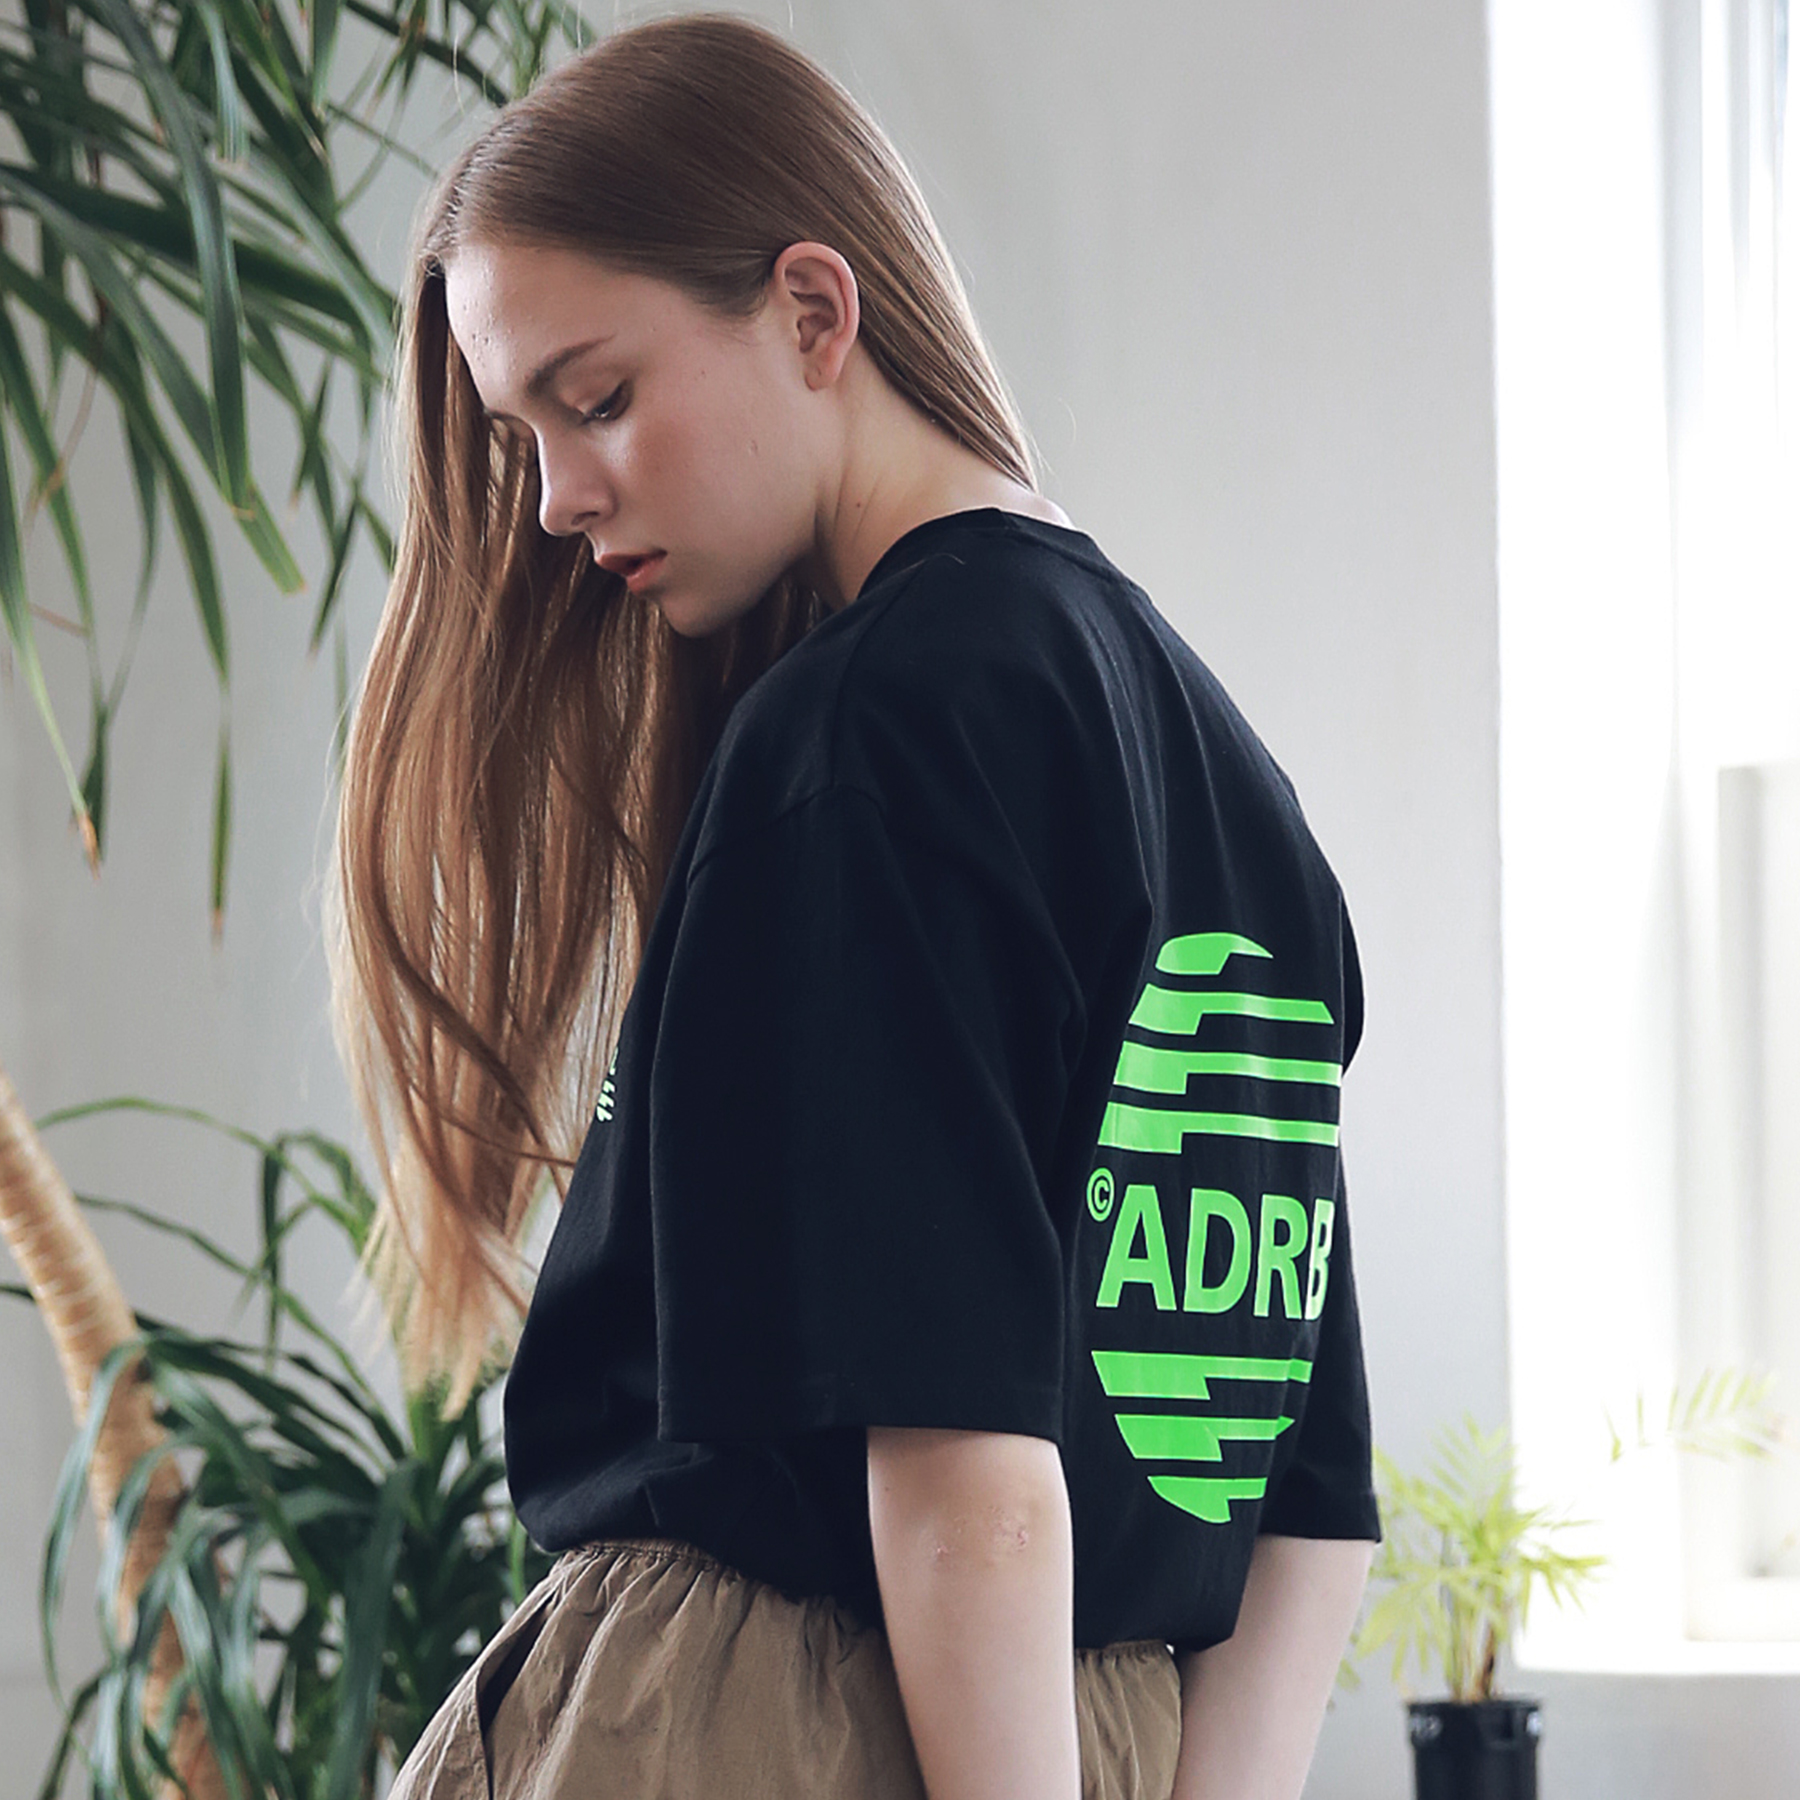 아더로브 유니섹스 시그니처 스카치 로고 티셔츠 ATS192005-BK 반팔티